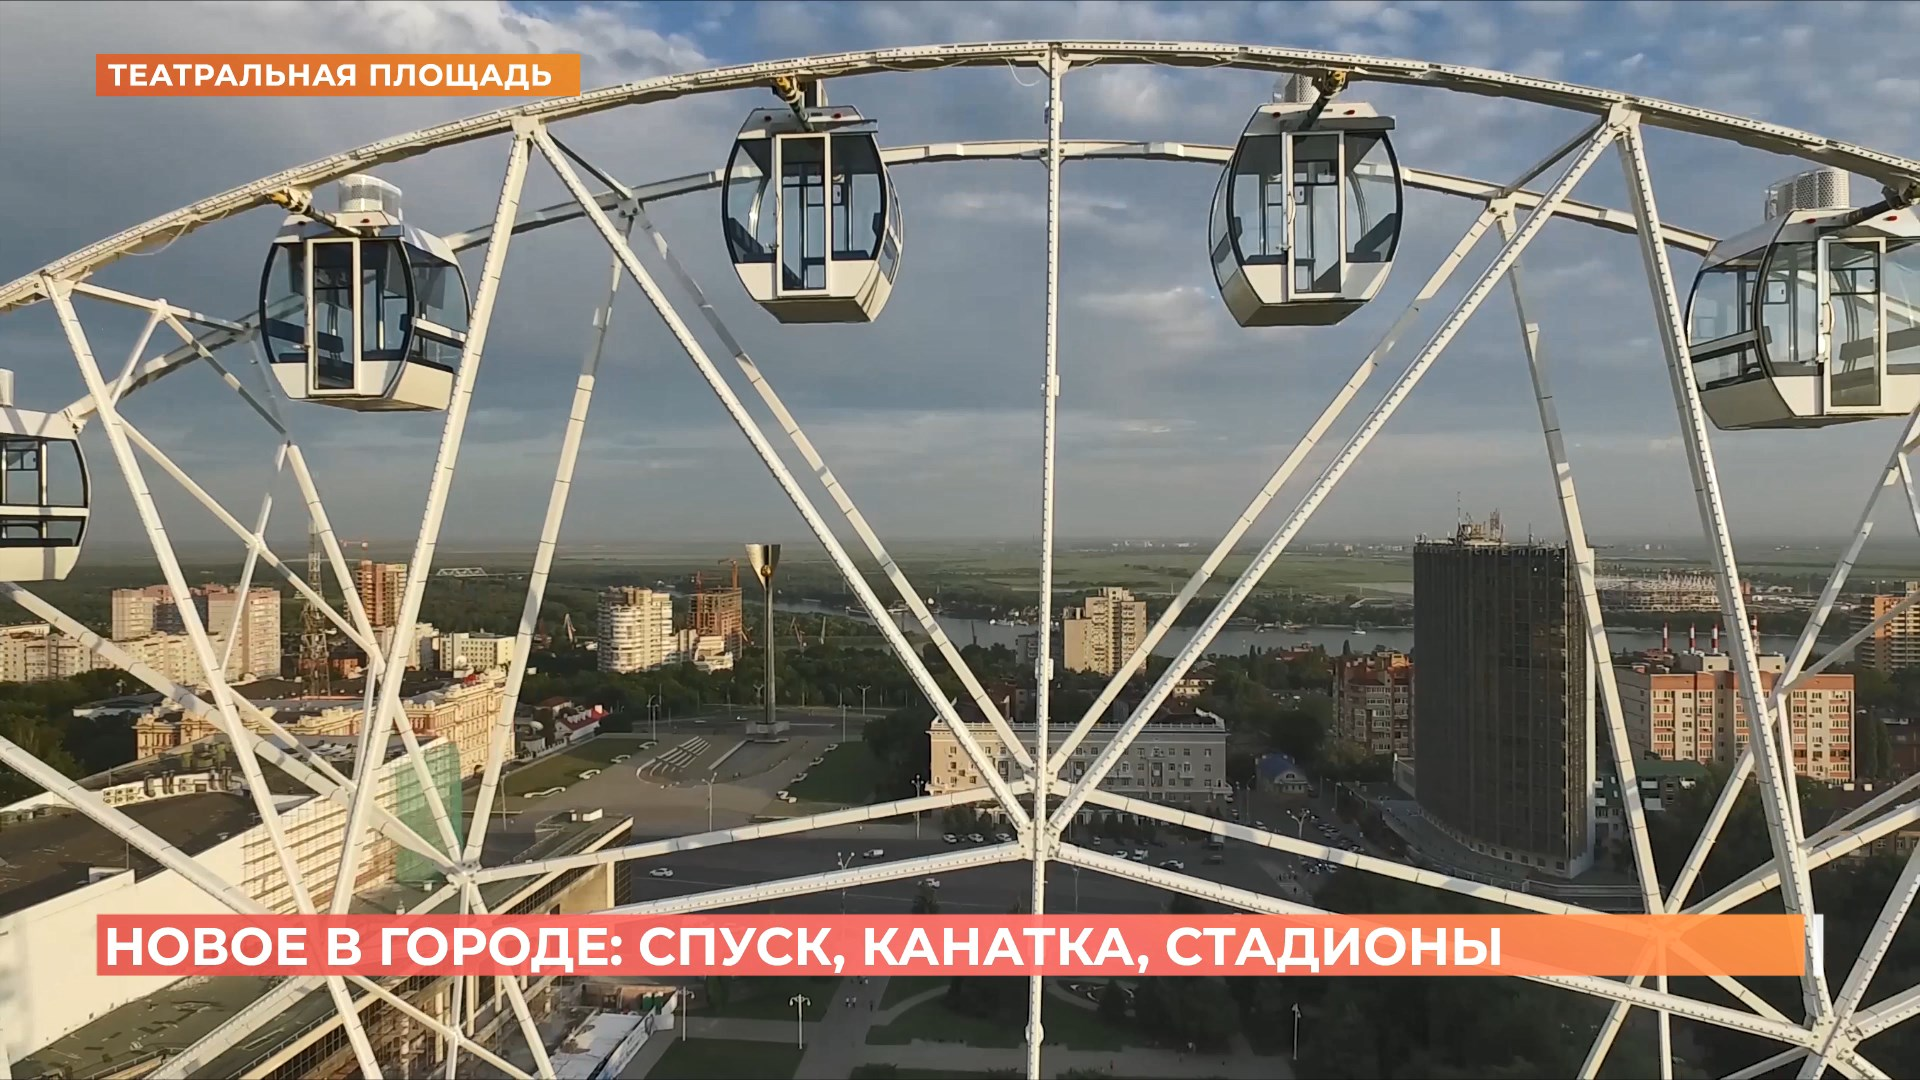 Спуск, канатка, стадионы: новые проекты о развитии Ростова сегодня утвердили городские власти